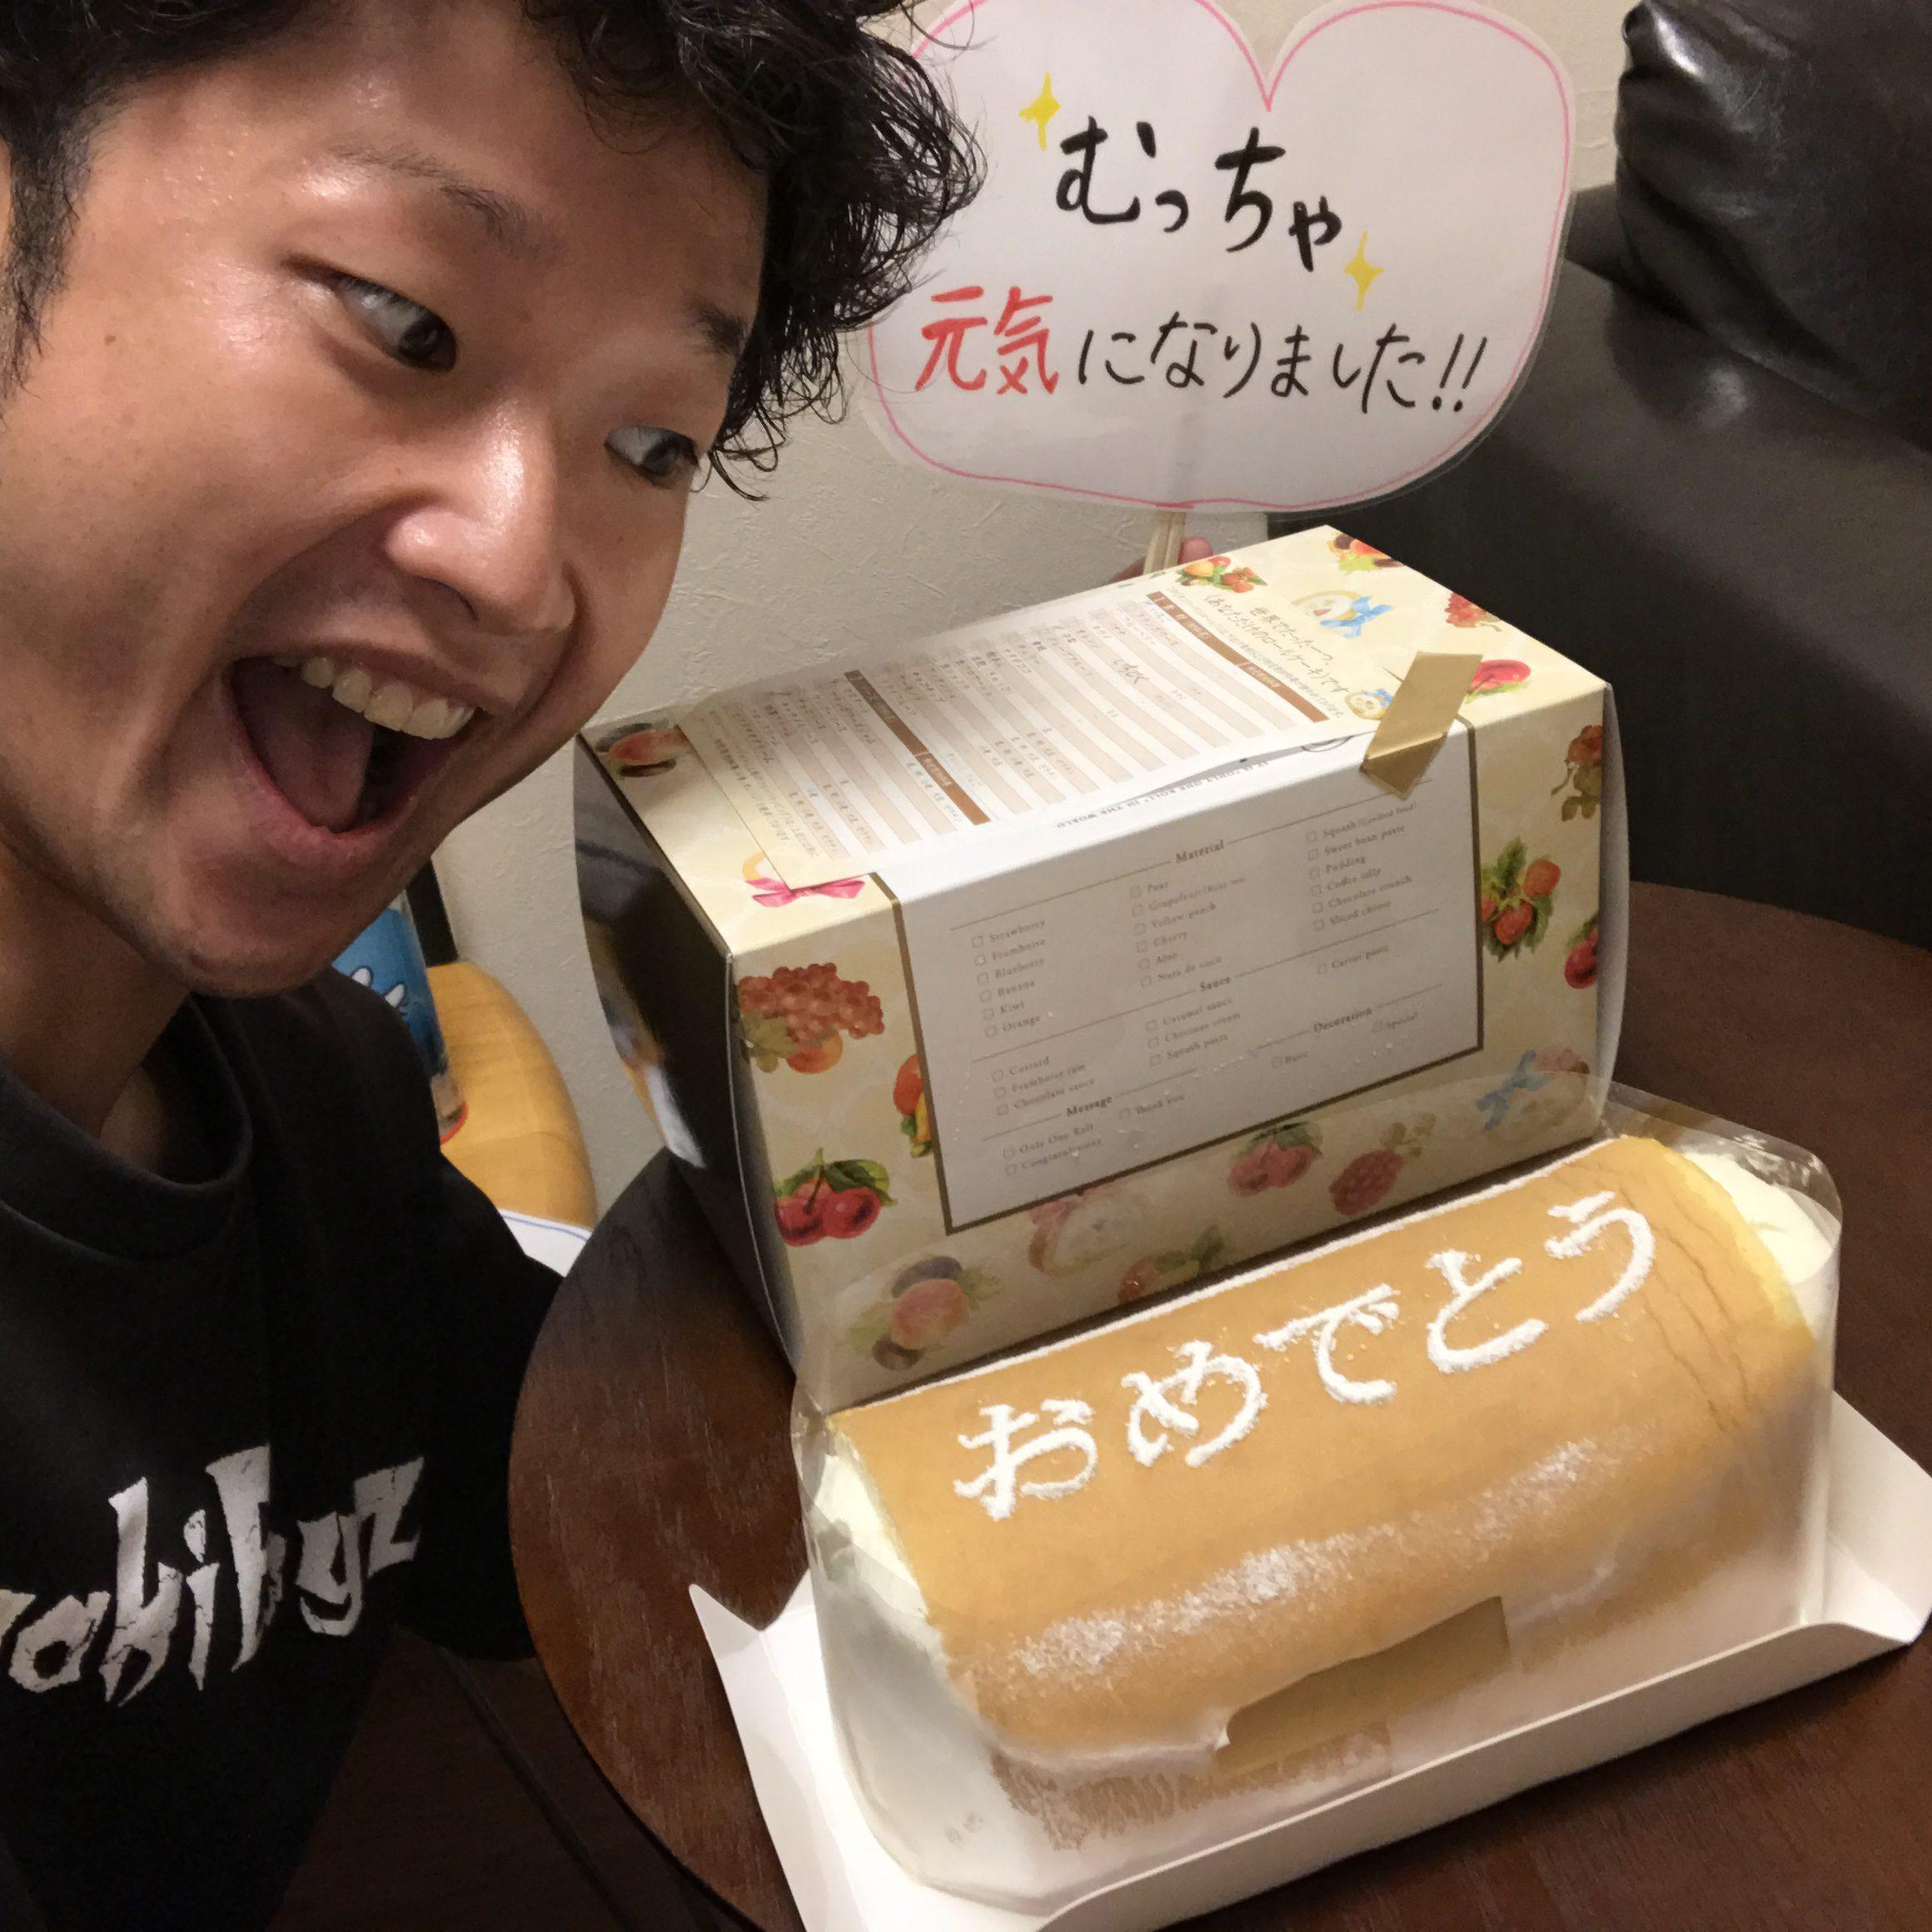 岸和田は久米田の美容師さんピーコから頂いたケーキ♪